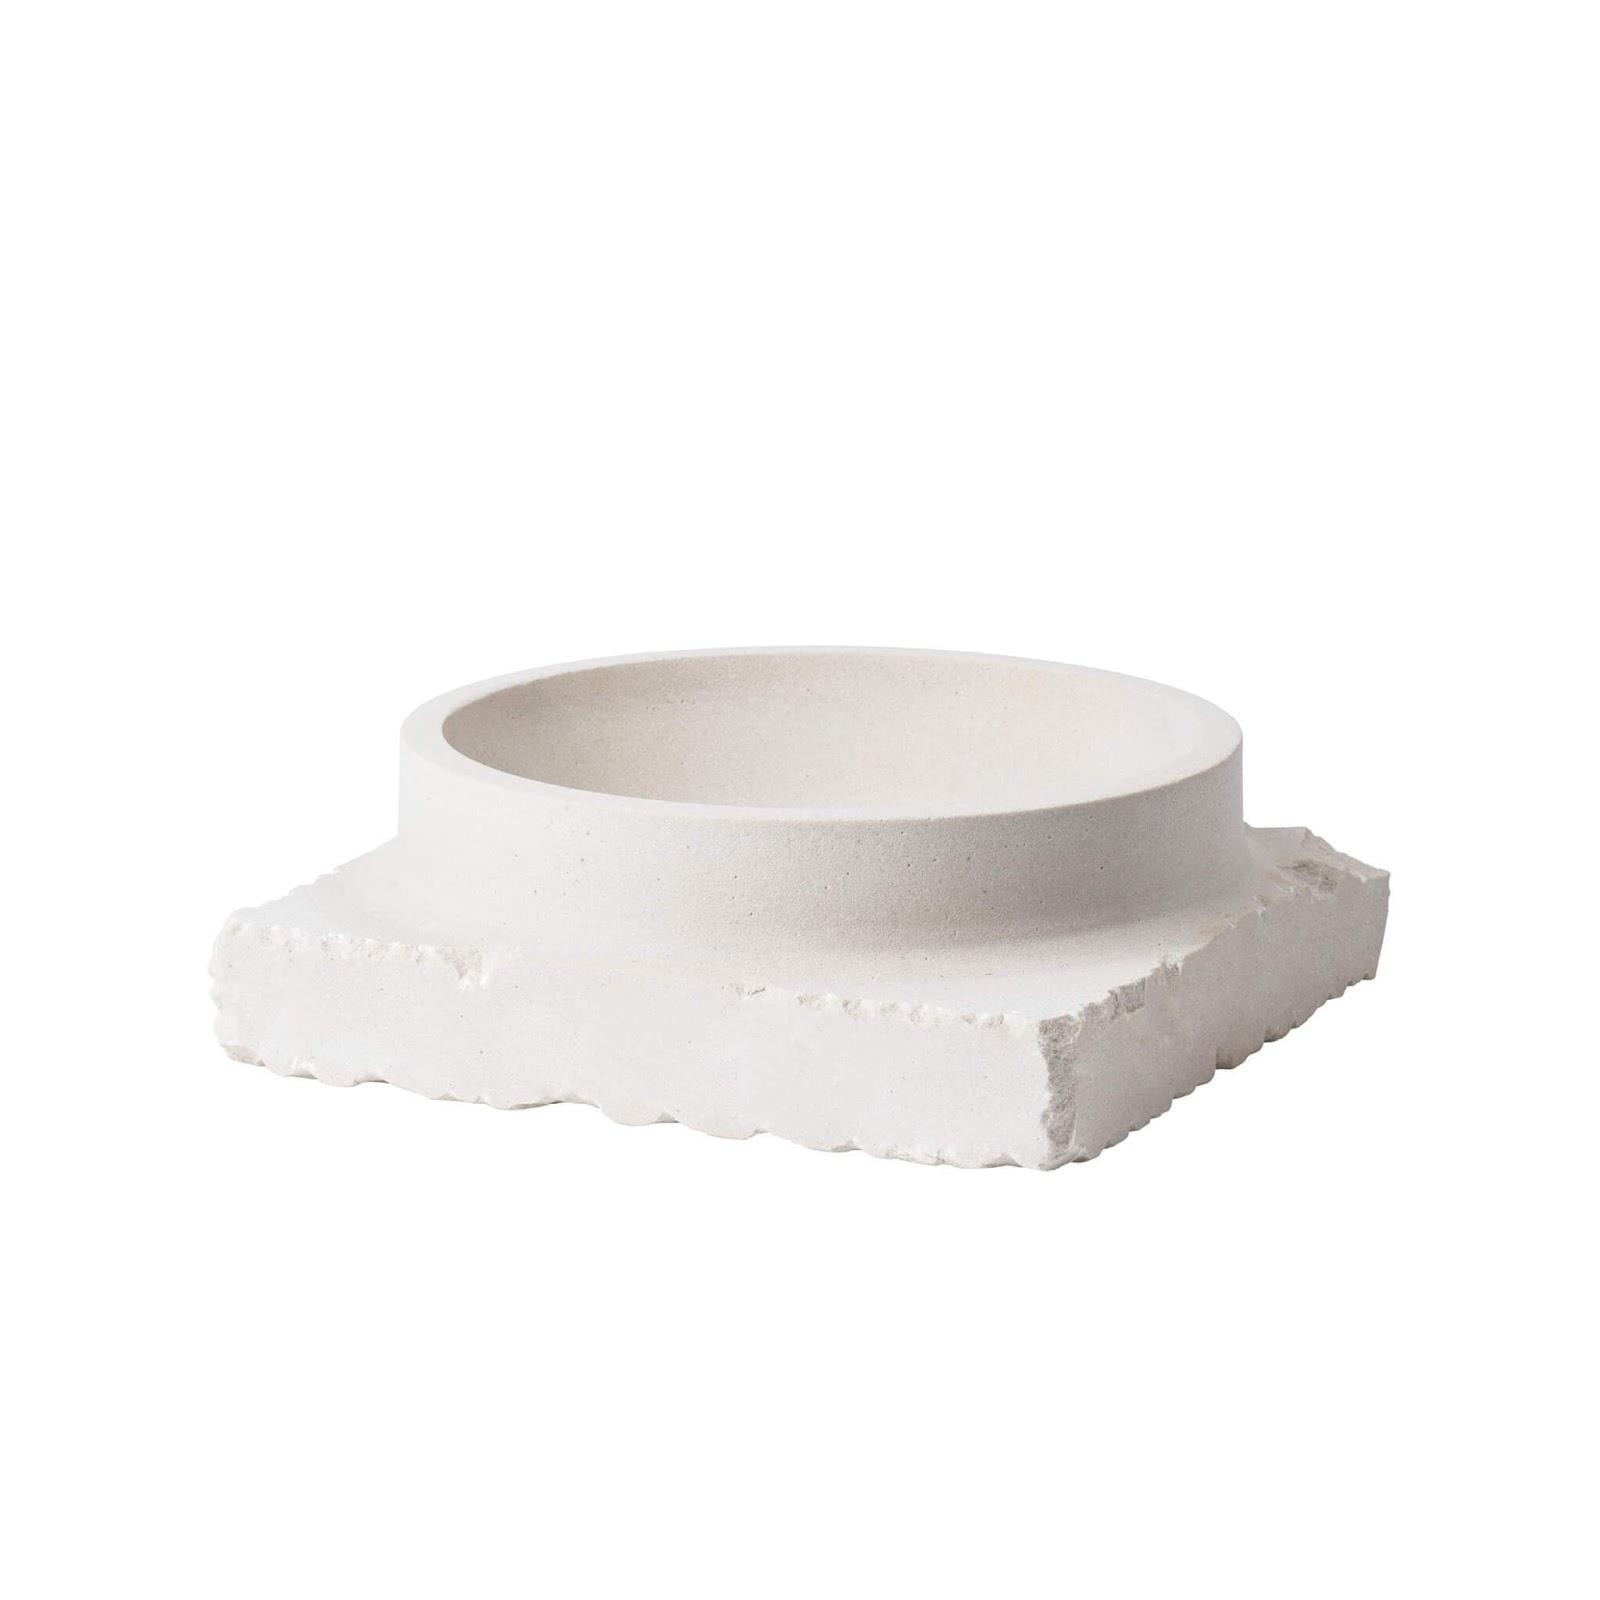 Lacuna shape